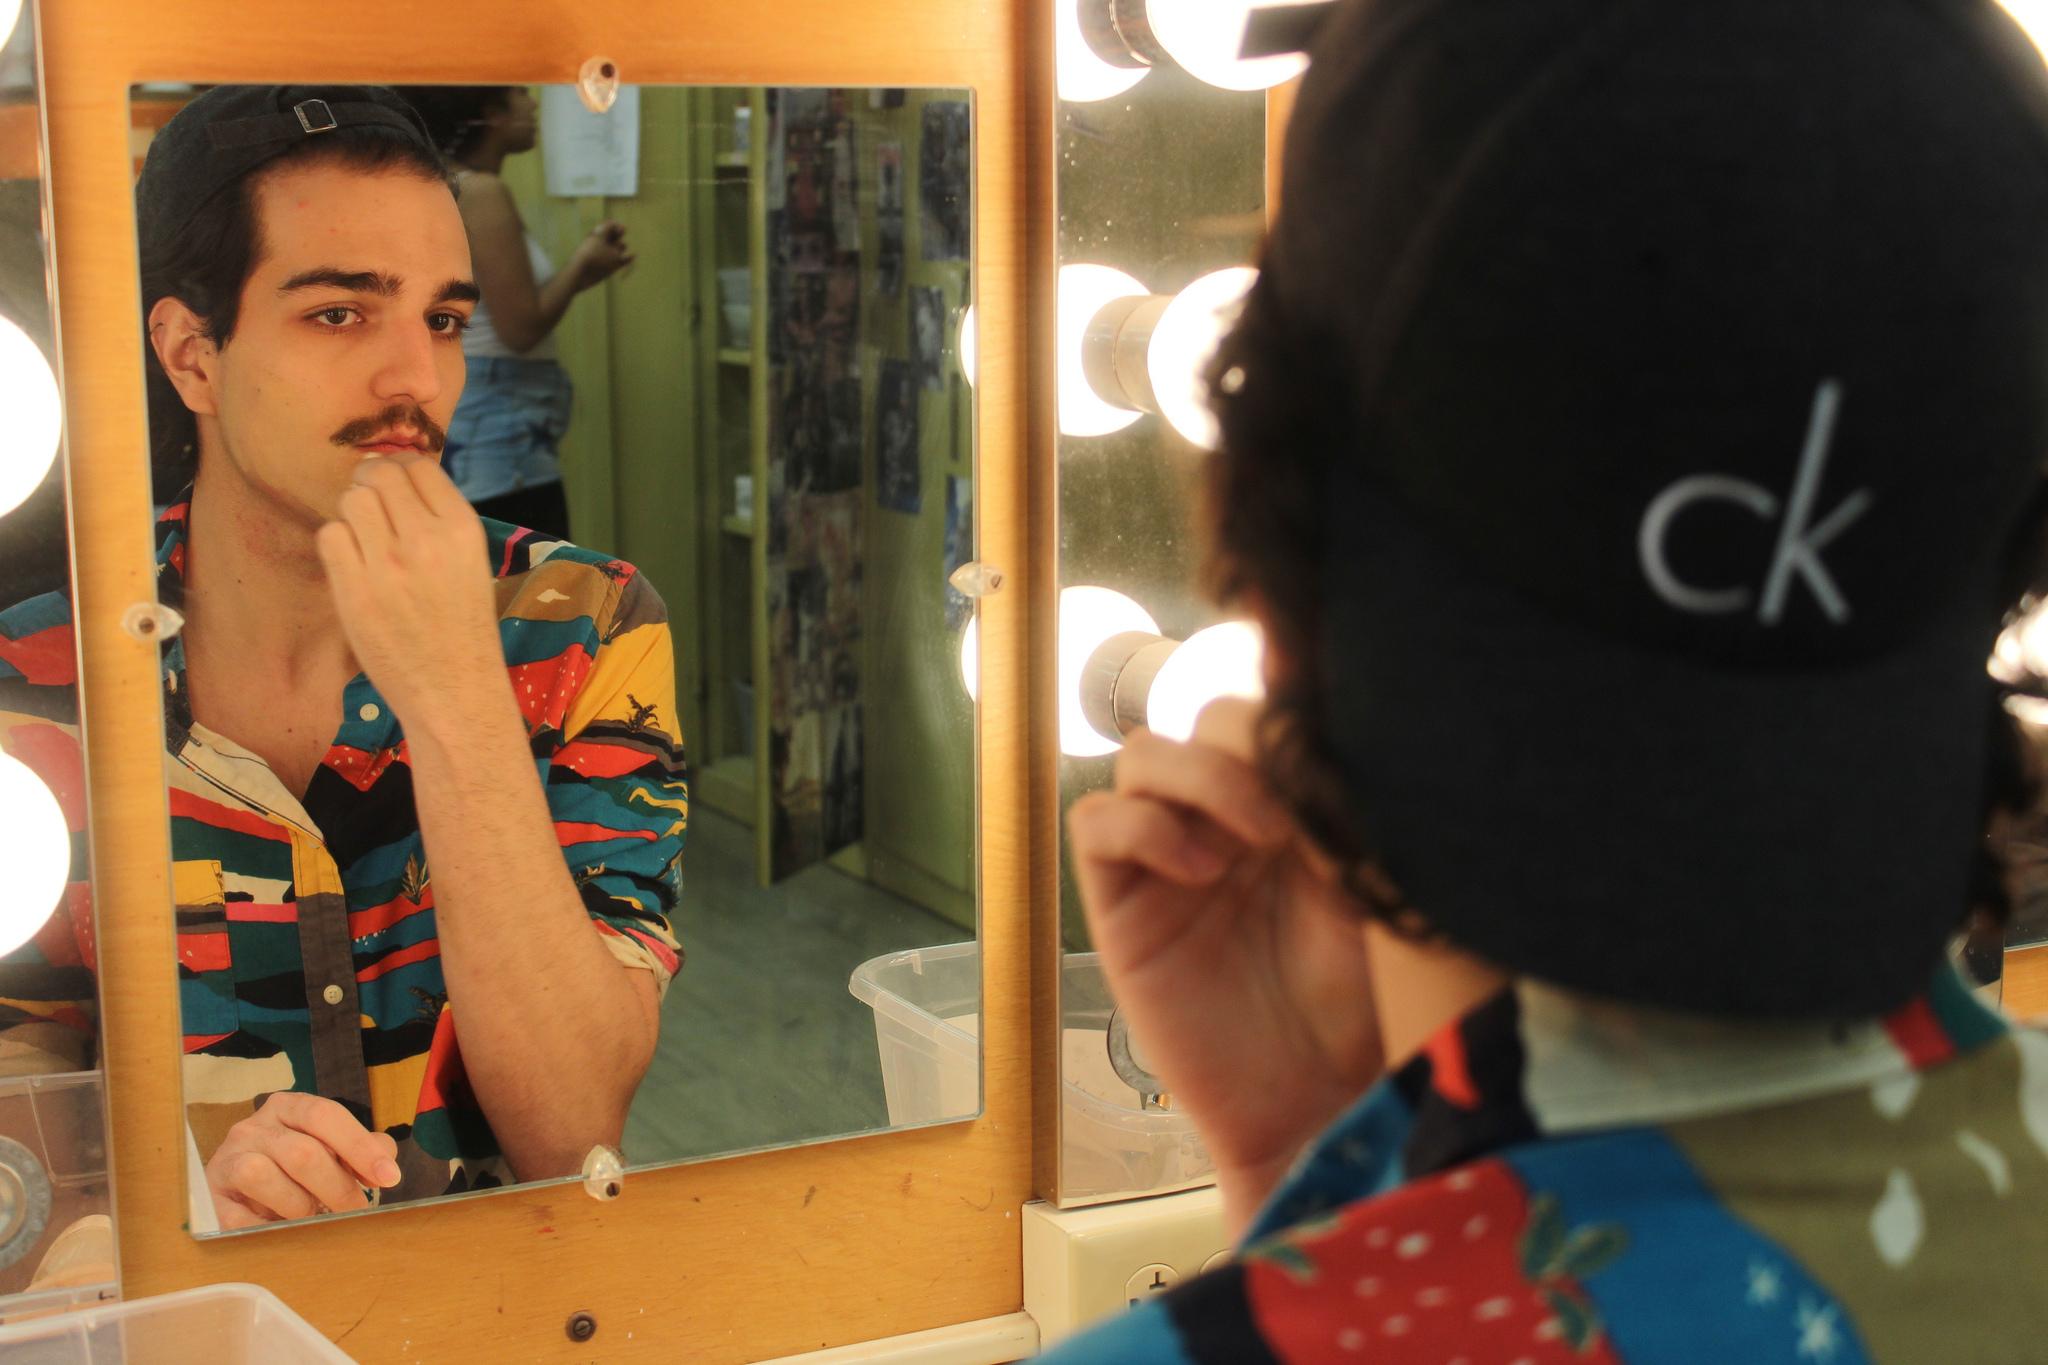 UMass Amherst student Lucas La Guardia prepares for a show